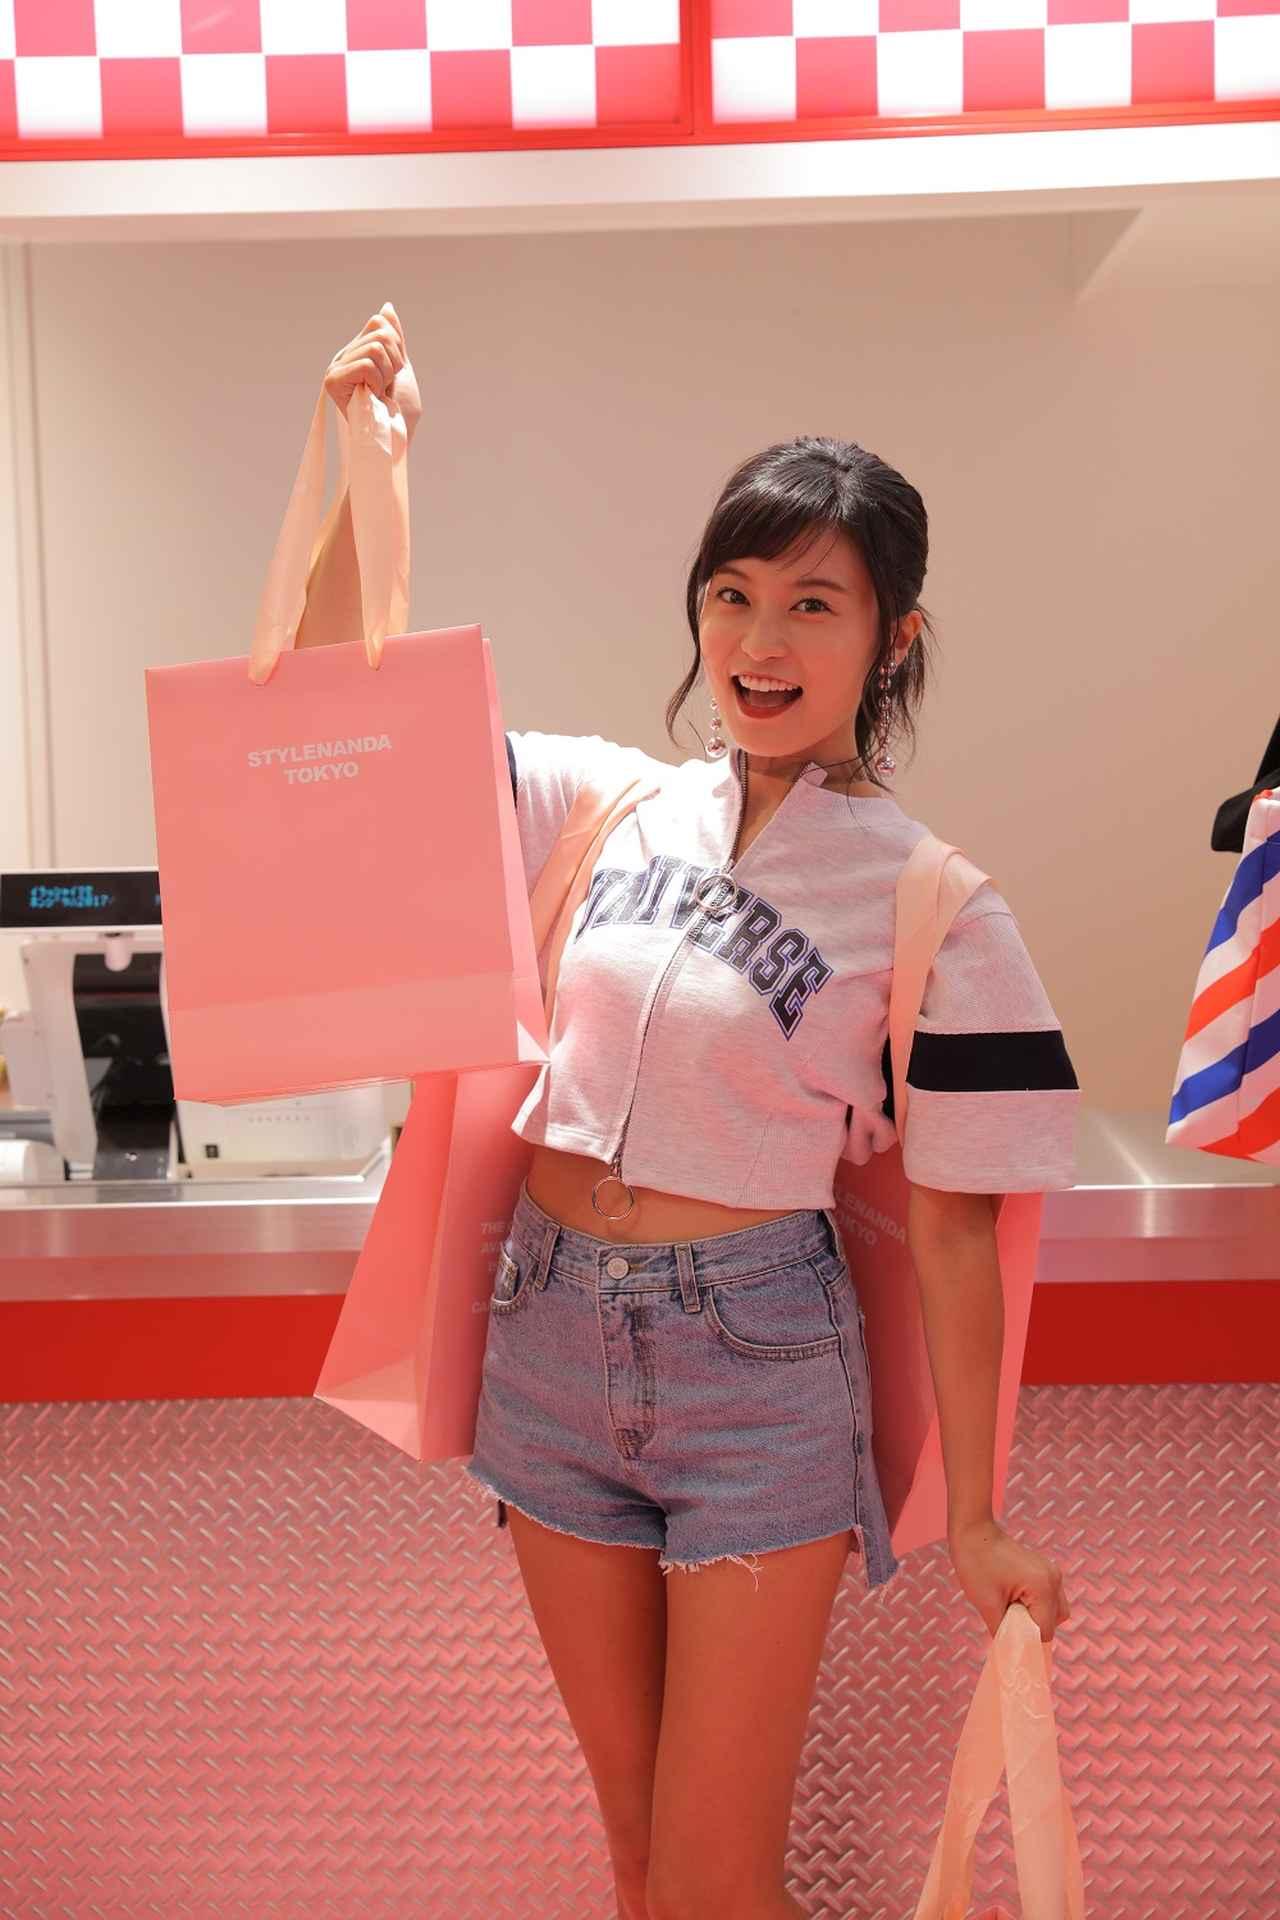 画像3: 韓国発ブランド「スタイルナンダ(STYLENANDA)」の日本初の旗艦店がオープン!